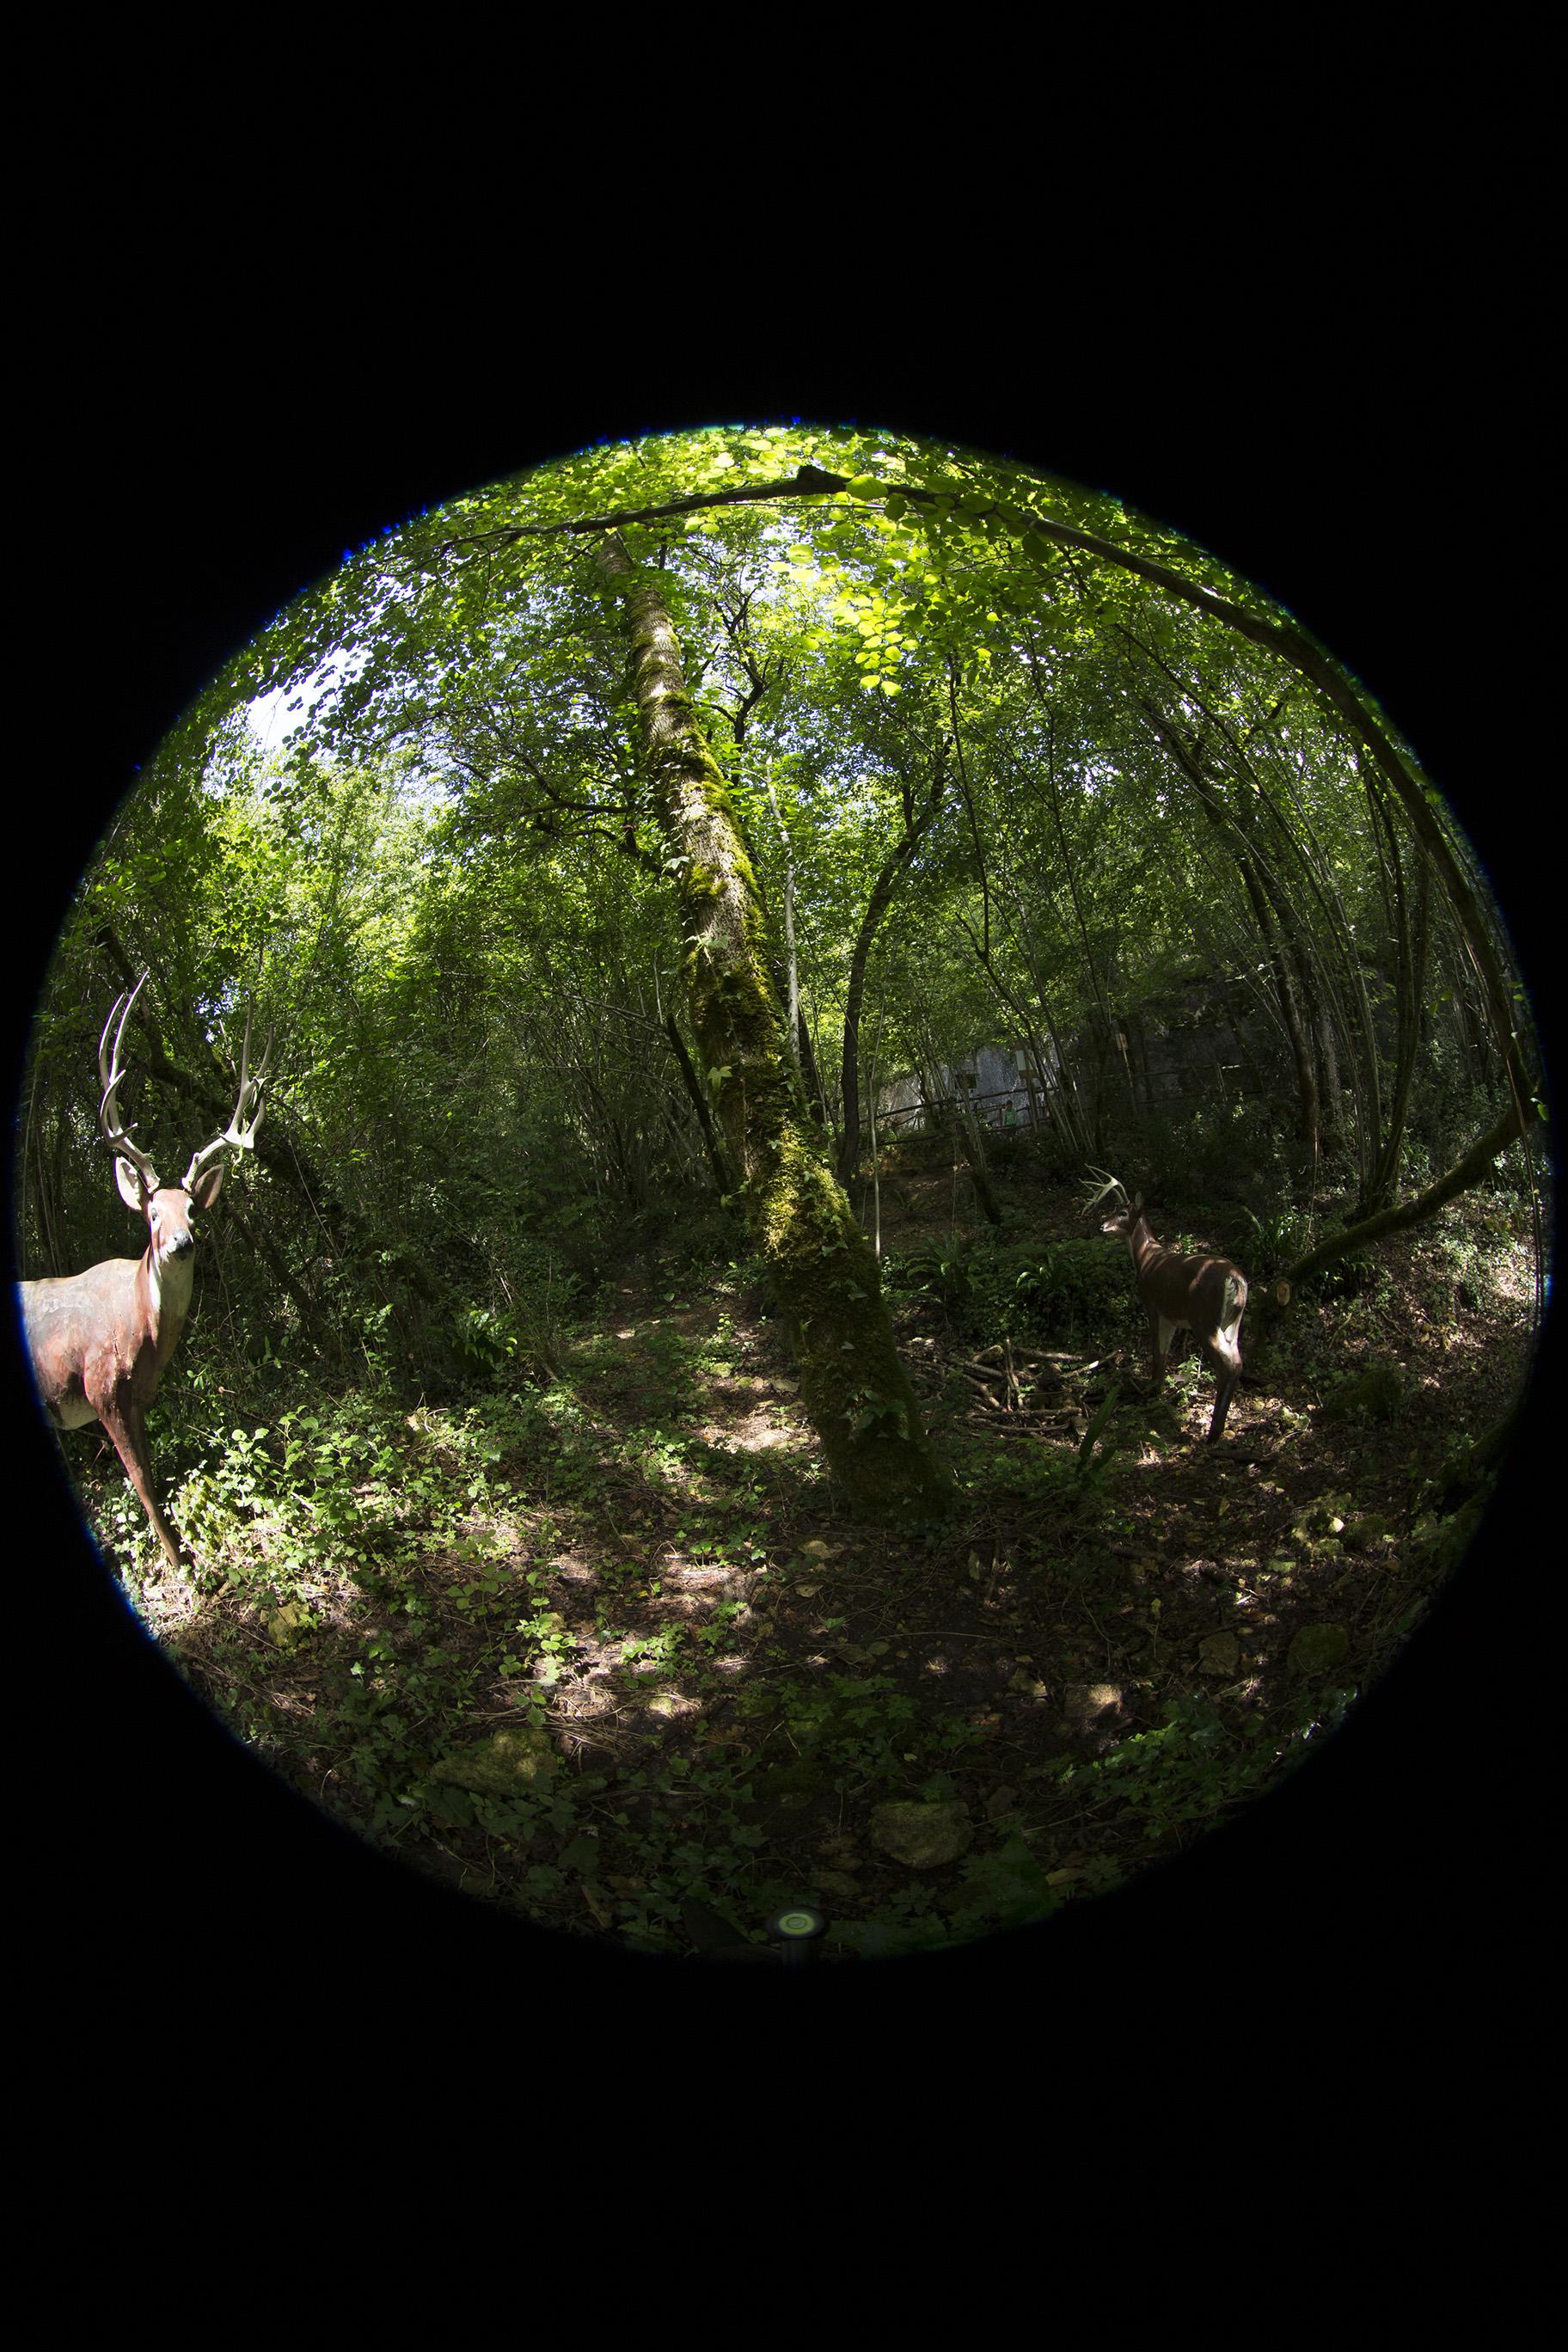 creer-une-visite-virtuelle.com_HDR_Roc_de_cazelle-4.jpg